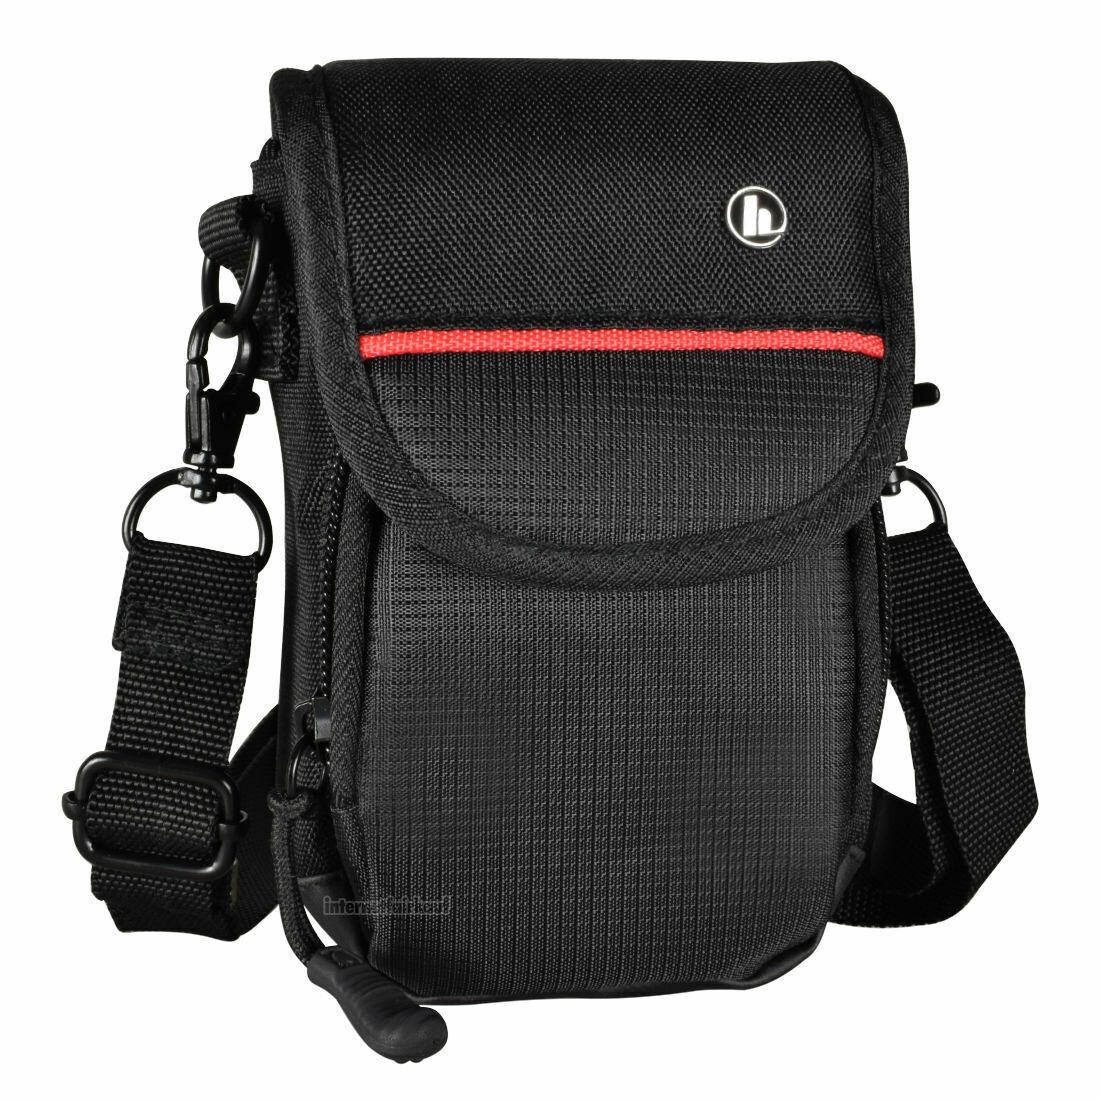 Hama Fototasche Kameratasche passend für Samsung WB350F